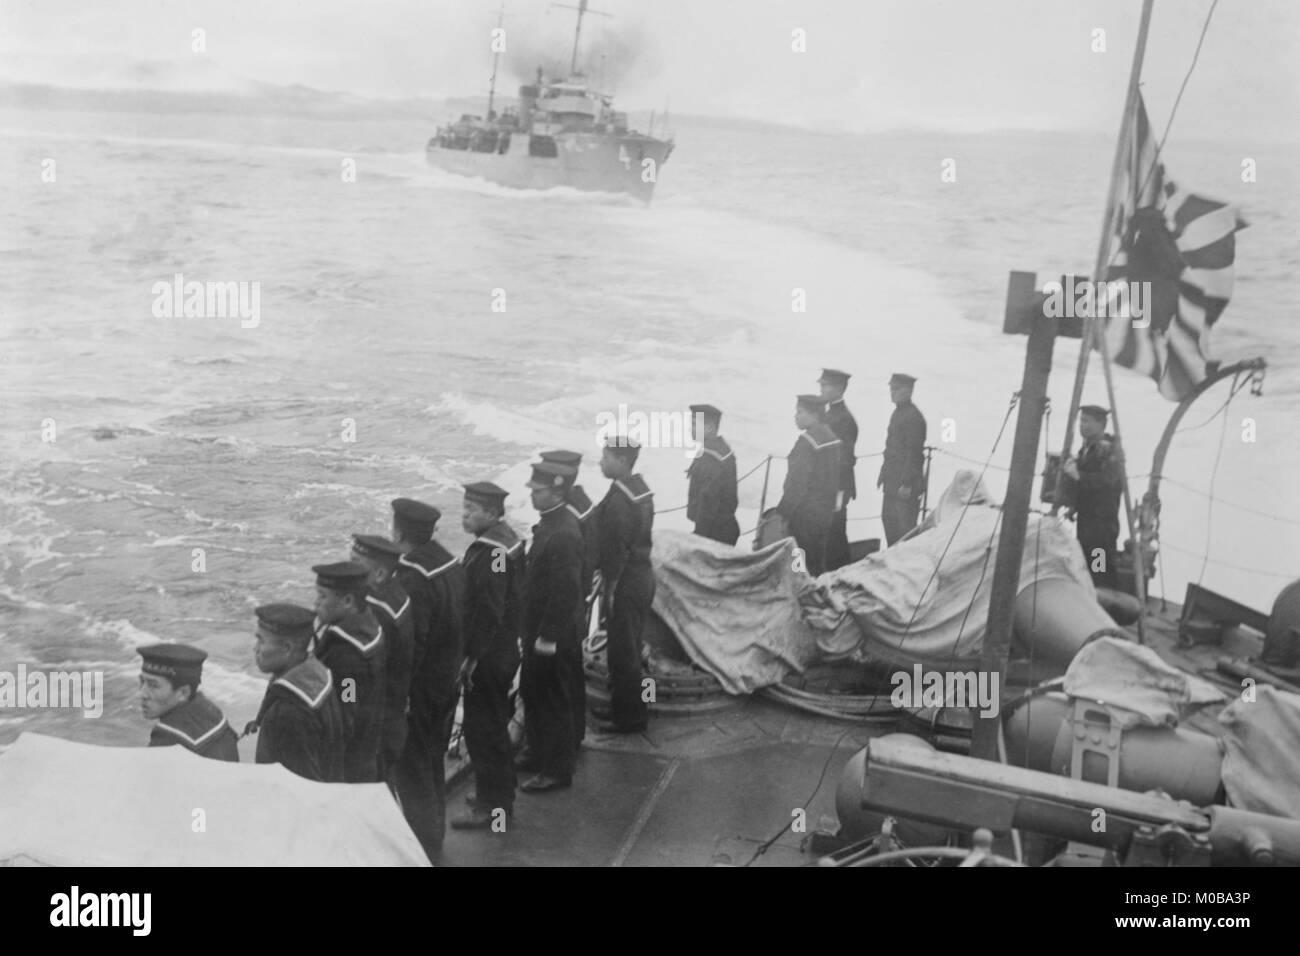 L'équipage de la marine sur un autre navire japonais salue et vole le drapeau de l'Amirauté Photo Stock